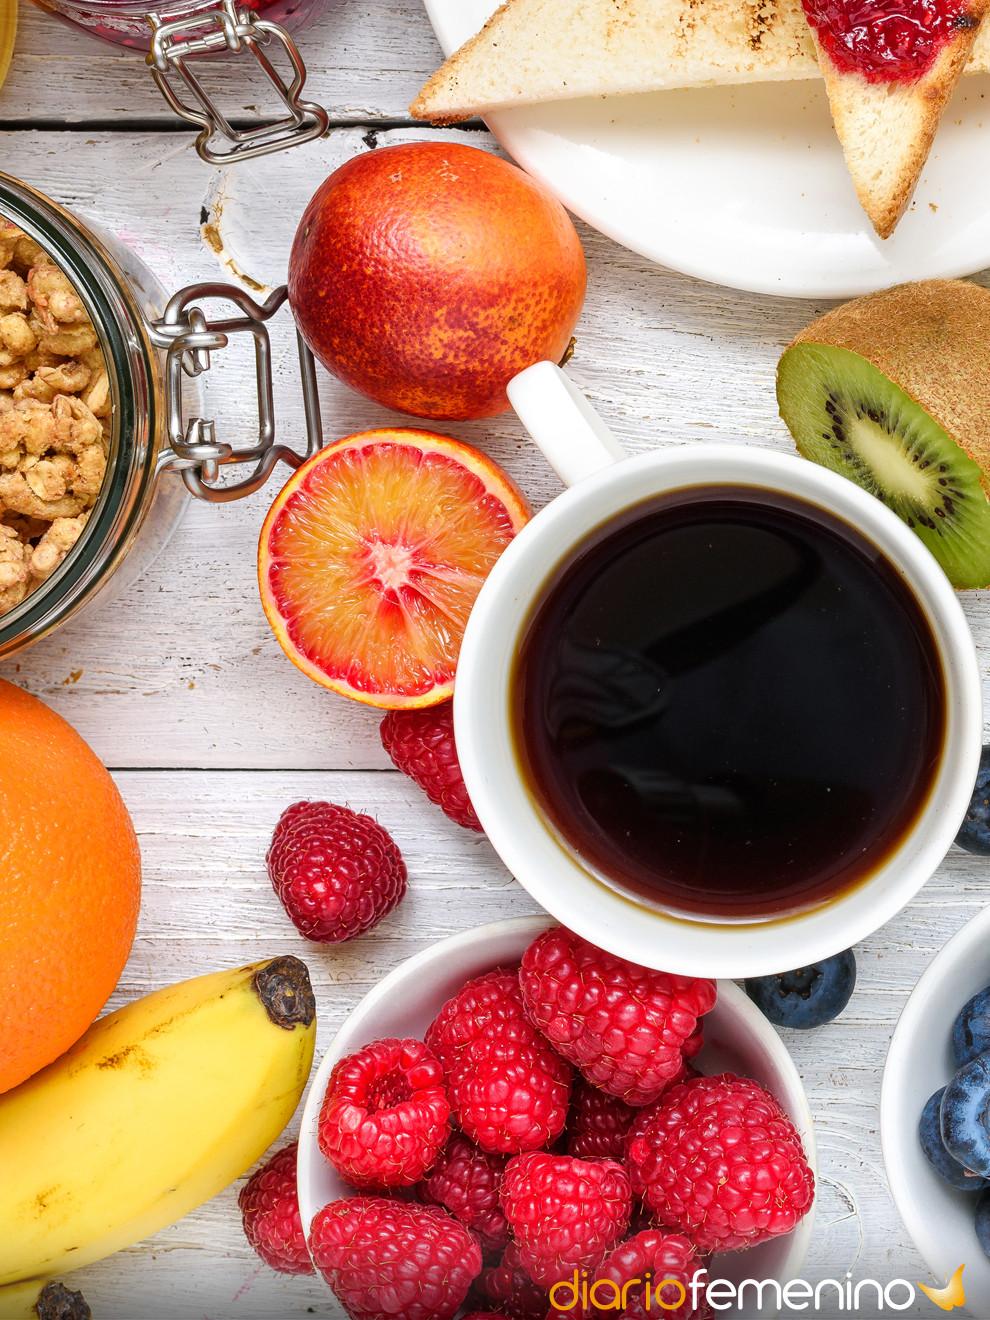 plan de dieta de deficiencia de hierro para bajar de peso